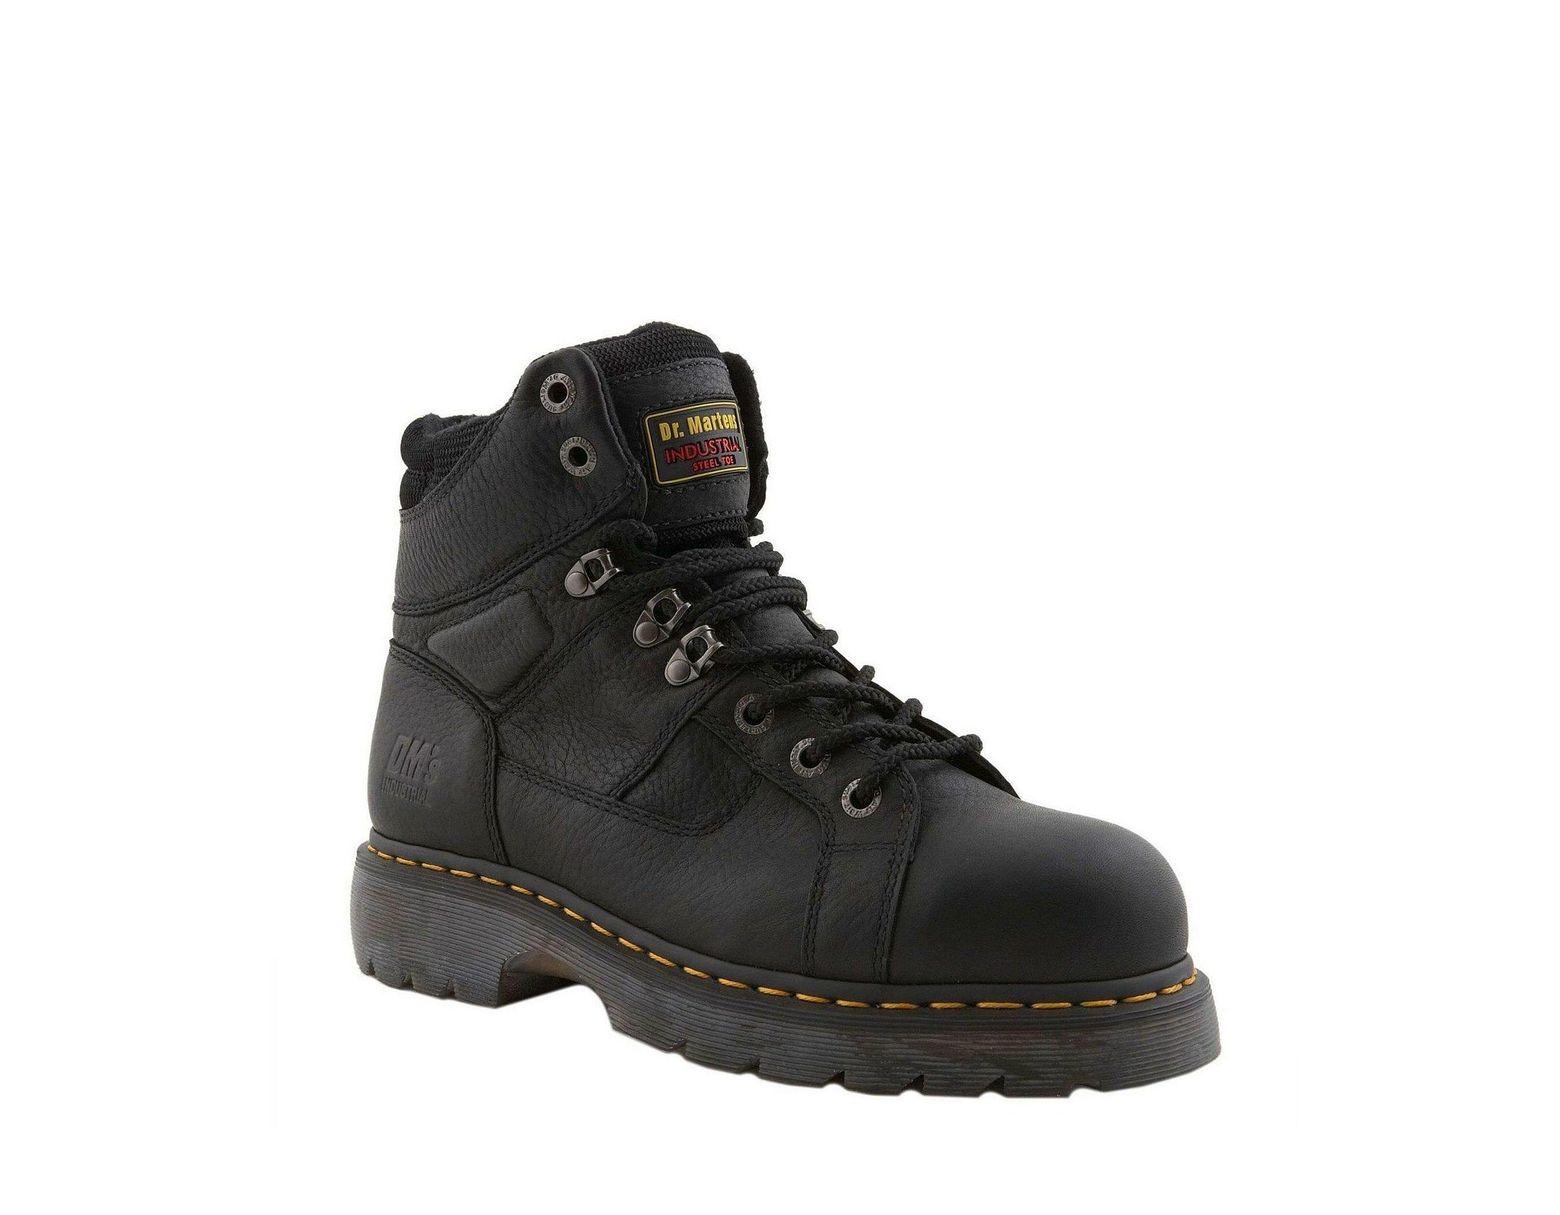 df1186fd9a8 Black Men's Ironbridge Industrial Water-resistant Steel-toe Work Boots